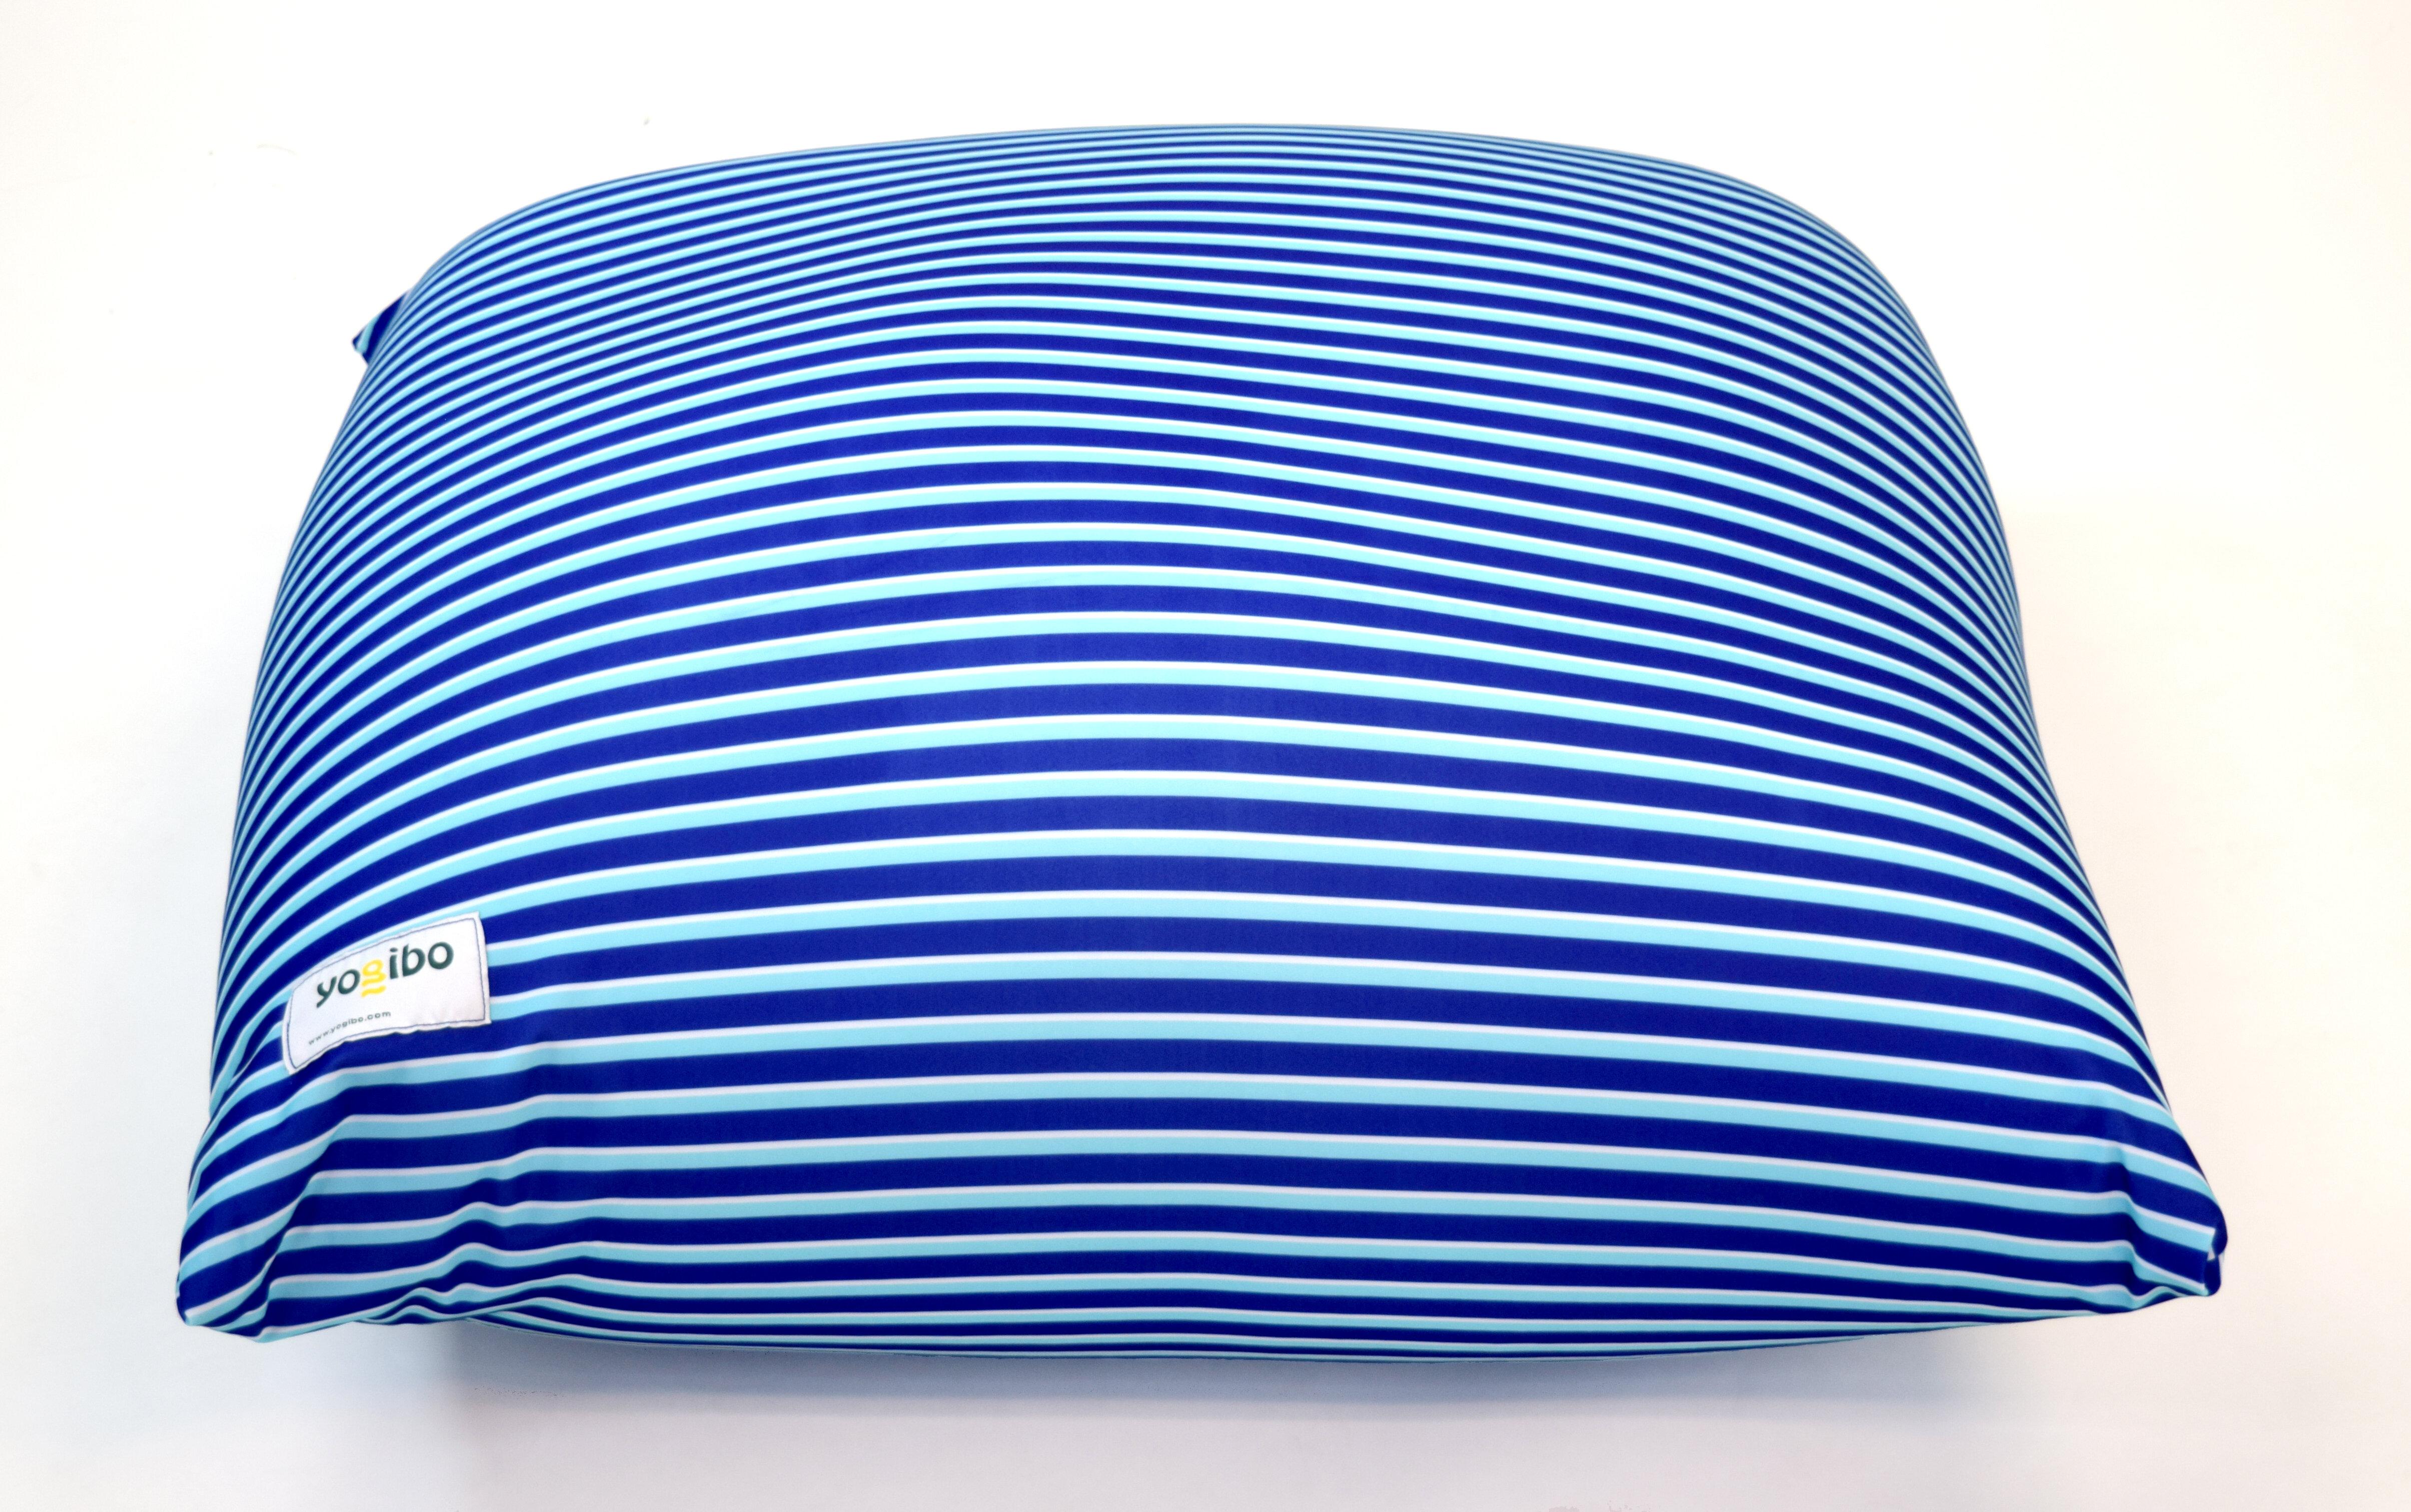 Amazing Zoola Marine Bean Bag Chair Inzonedesignstudio Interior Chair Design Inzonedesignstudiocom